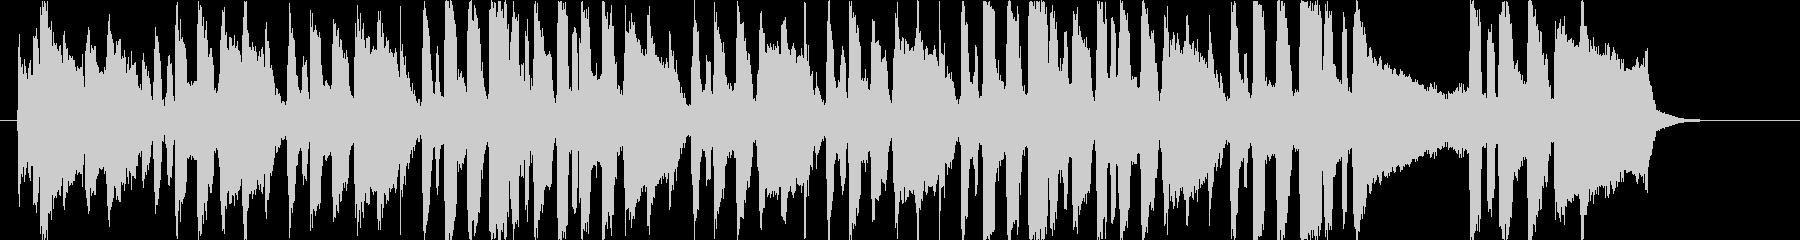 誕生日の歌(ワルツver) 【リク】の未再生の波形